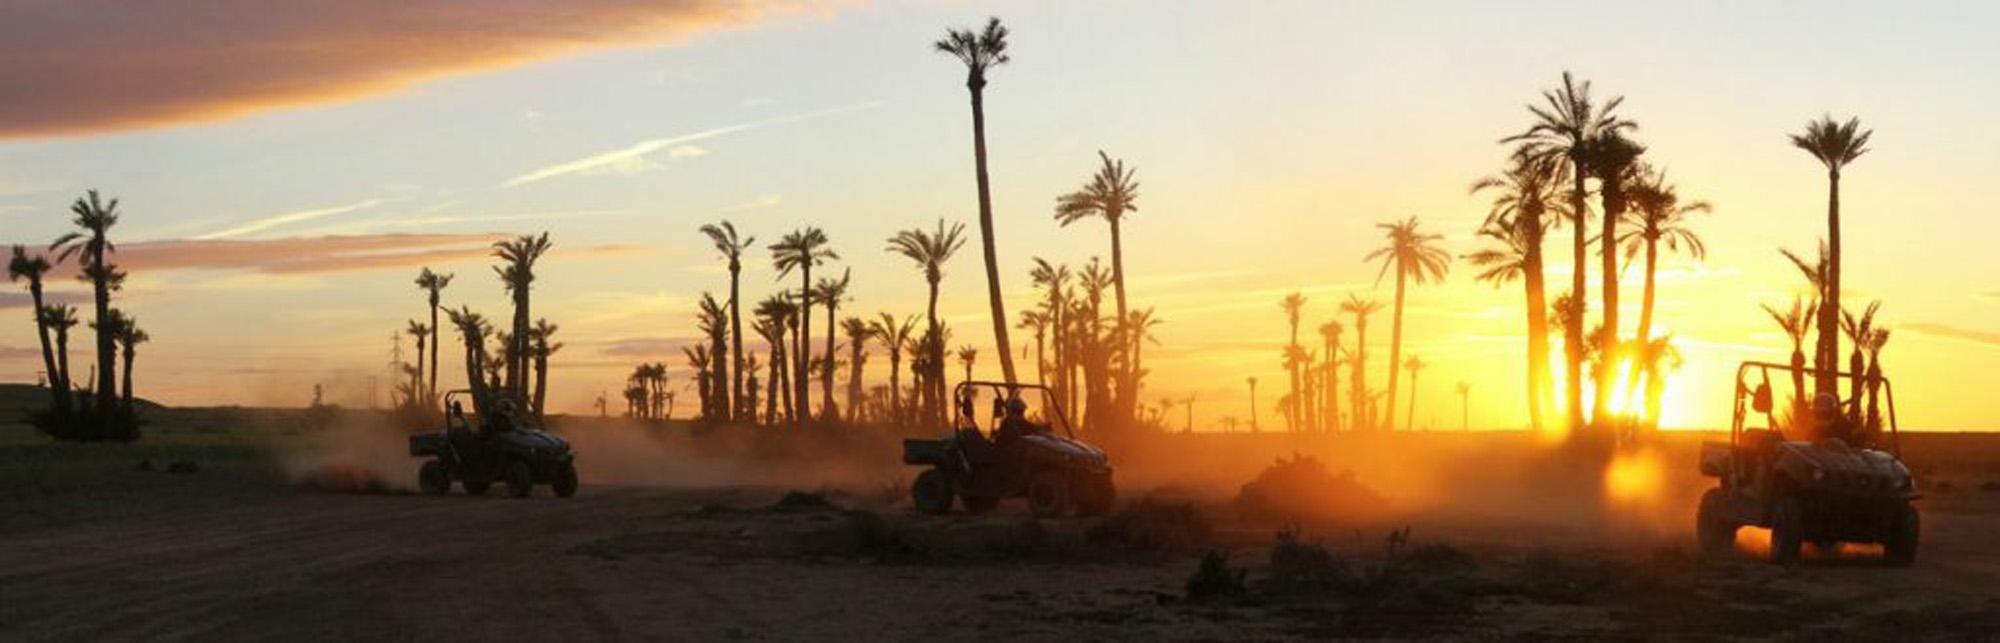 EXC EN QUAD-Marruecos